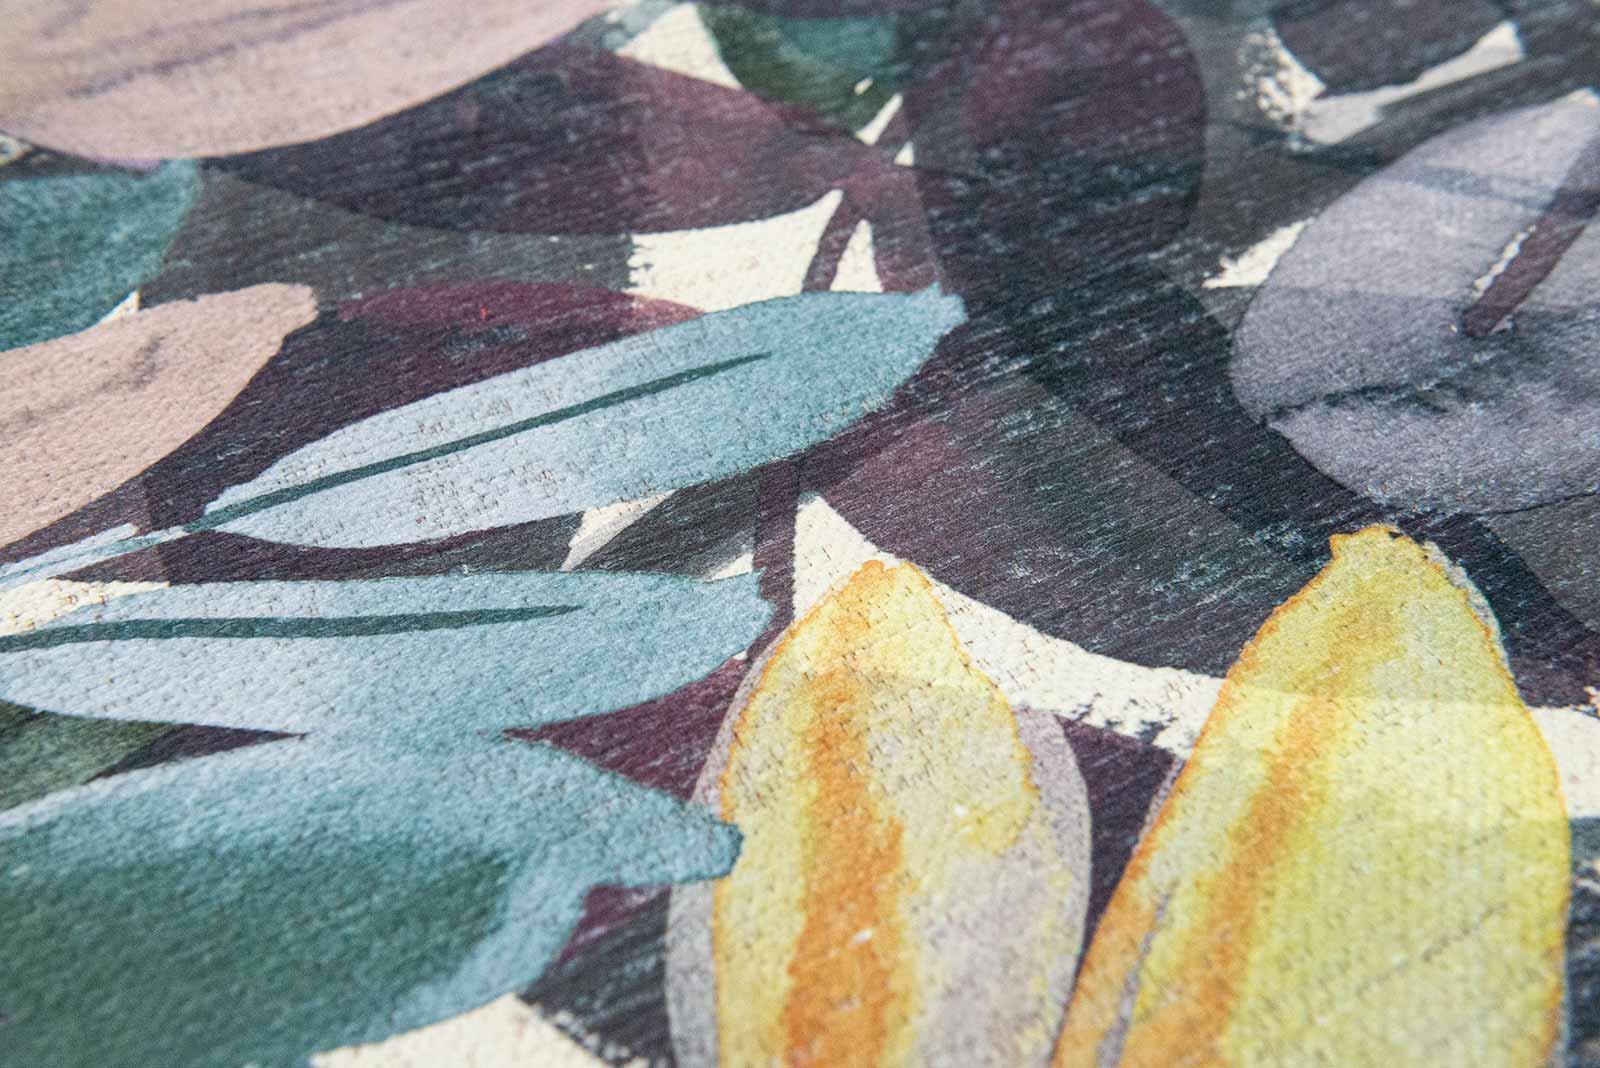 Louis De Poortere vloerkleed Fischbacher 8447 Estival Fresco zoom 2